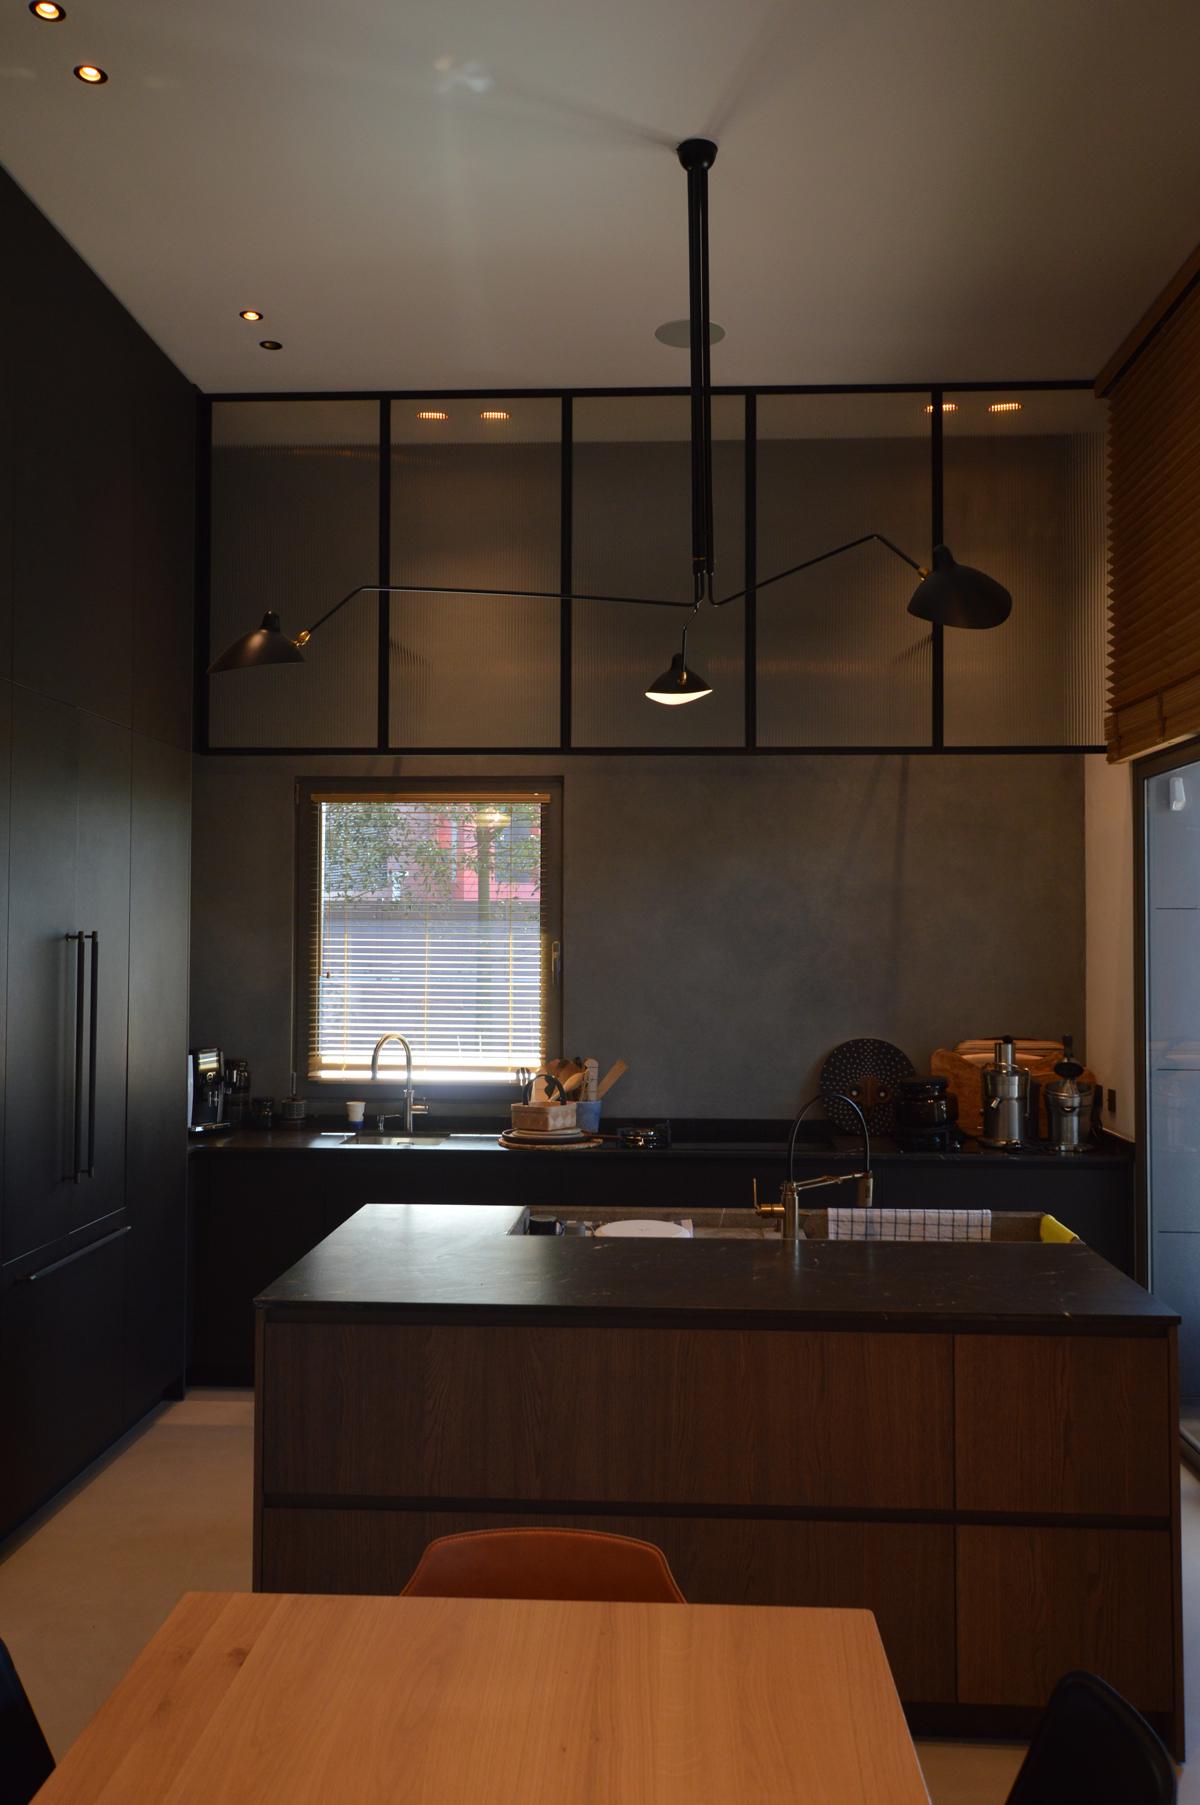 עיצוב מברזל לדירה בהרצליה